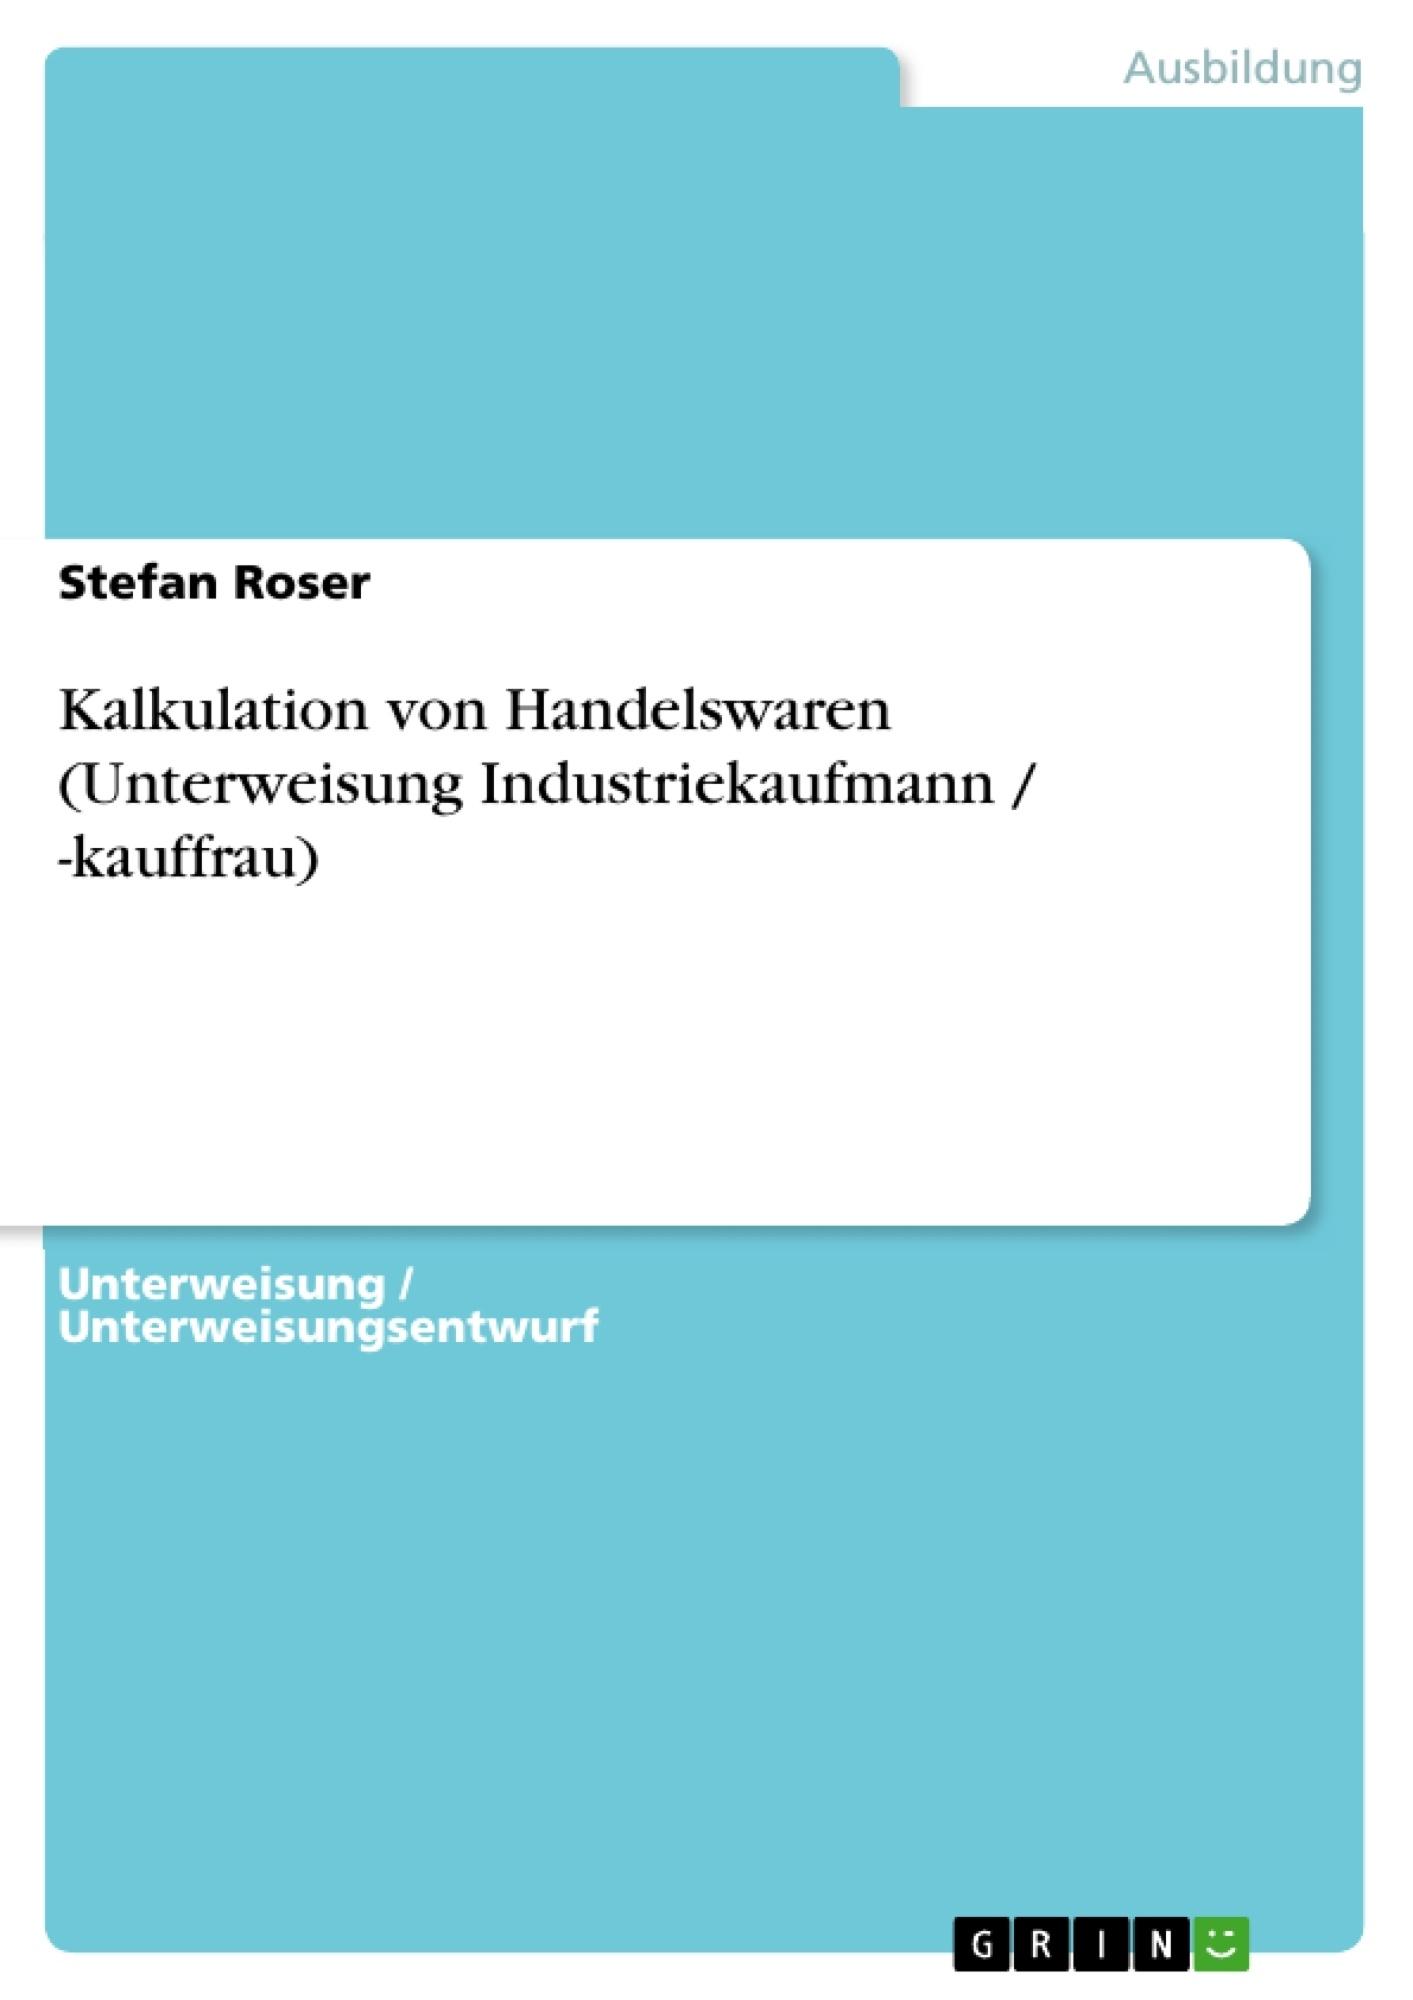 Titel: Kalkulation von Handelswaren (Unterweisung Industriekaufmann / -kauffrau)